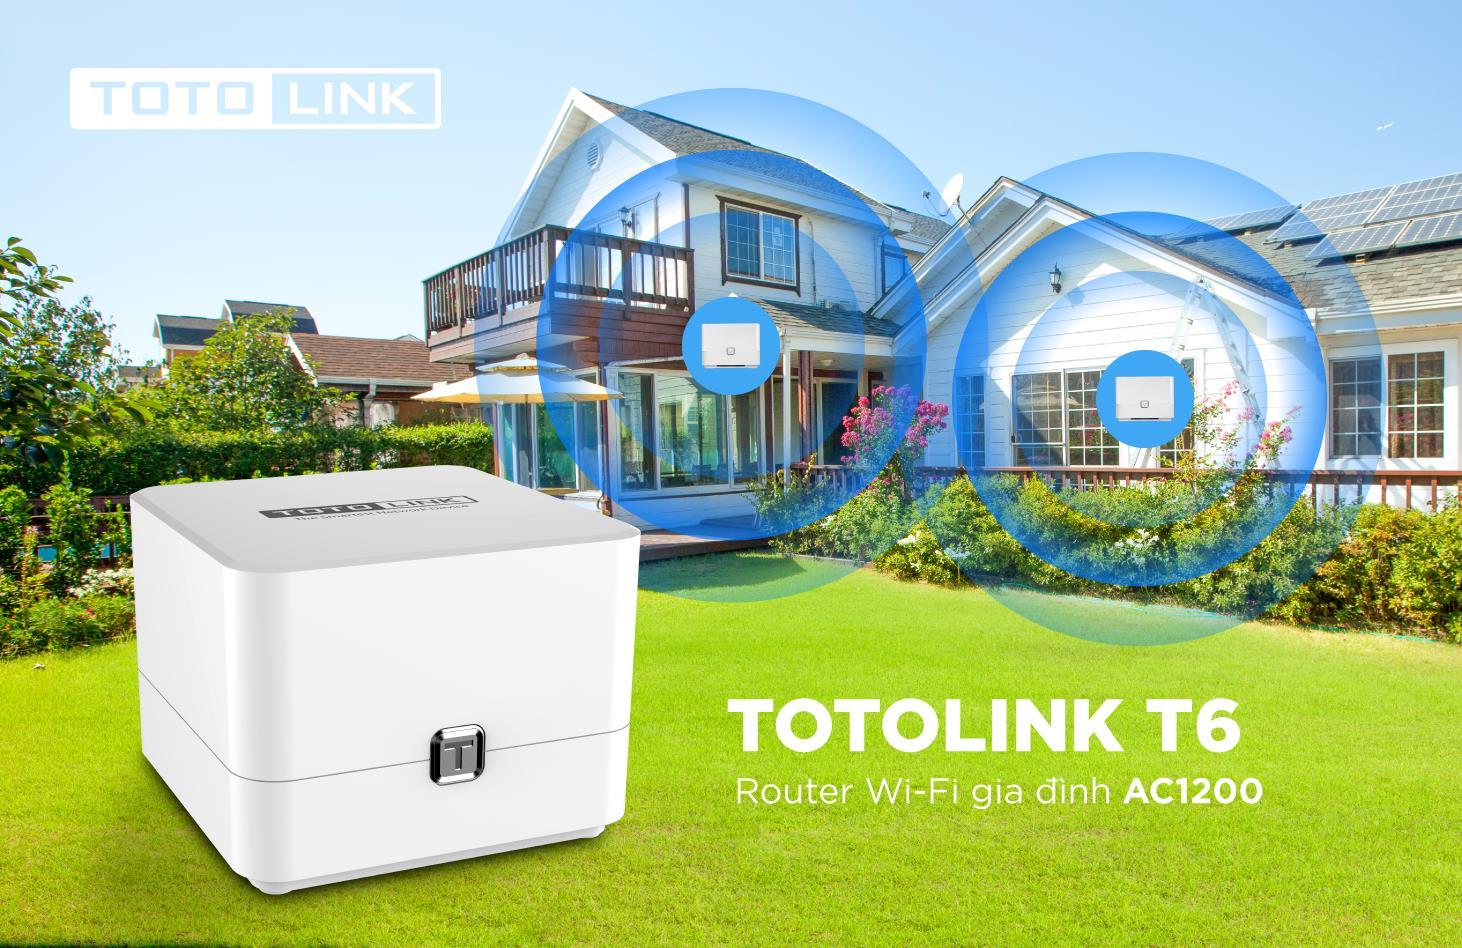 Những ưu điểm của Totolink T6 mà bạn không thể bỏ qua 4